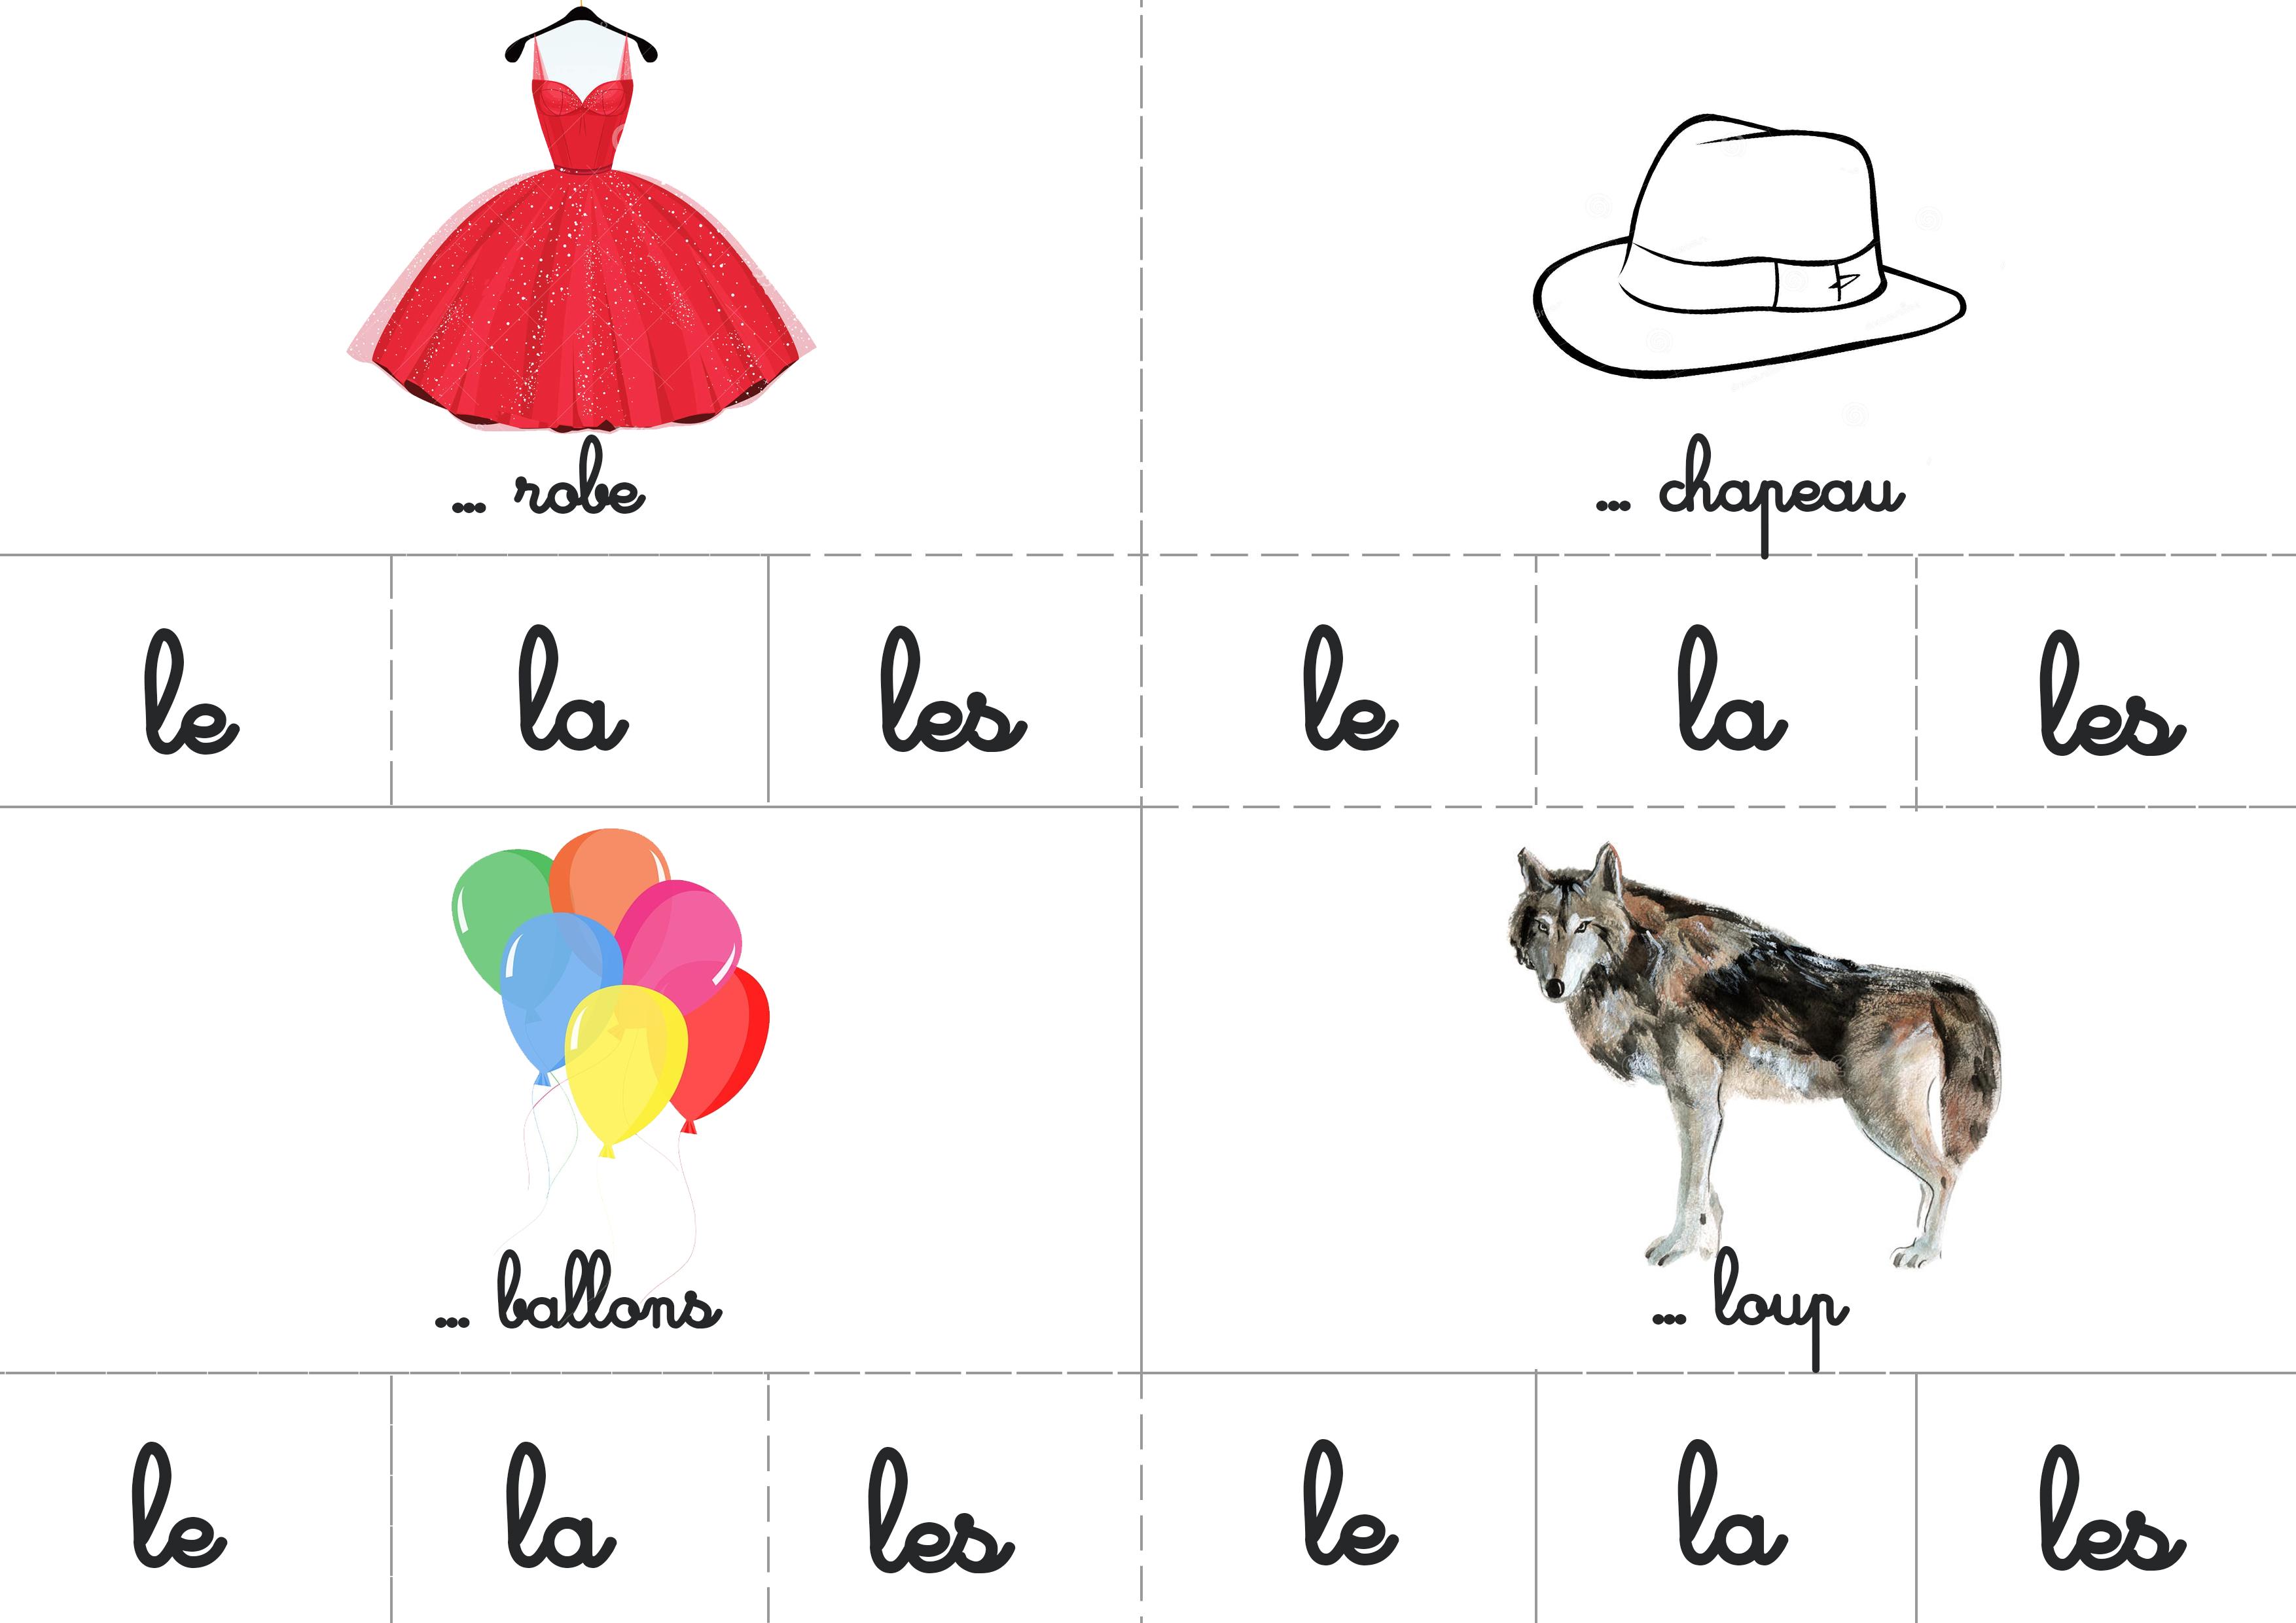 cartes_le_la_les_3